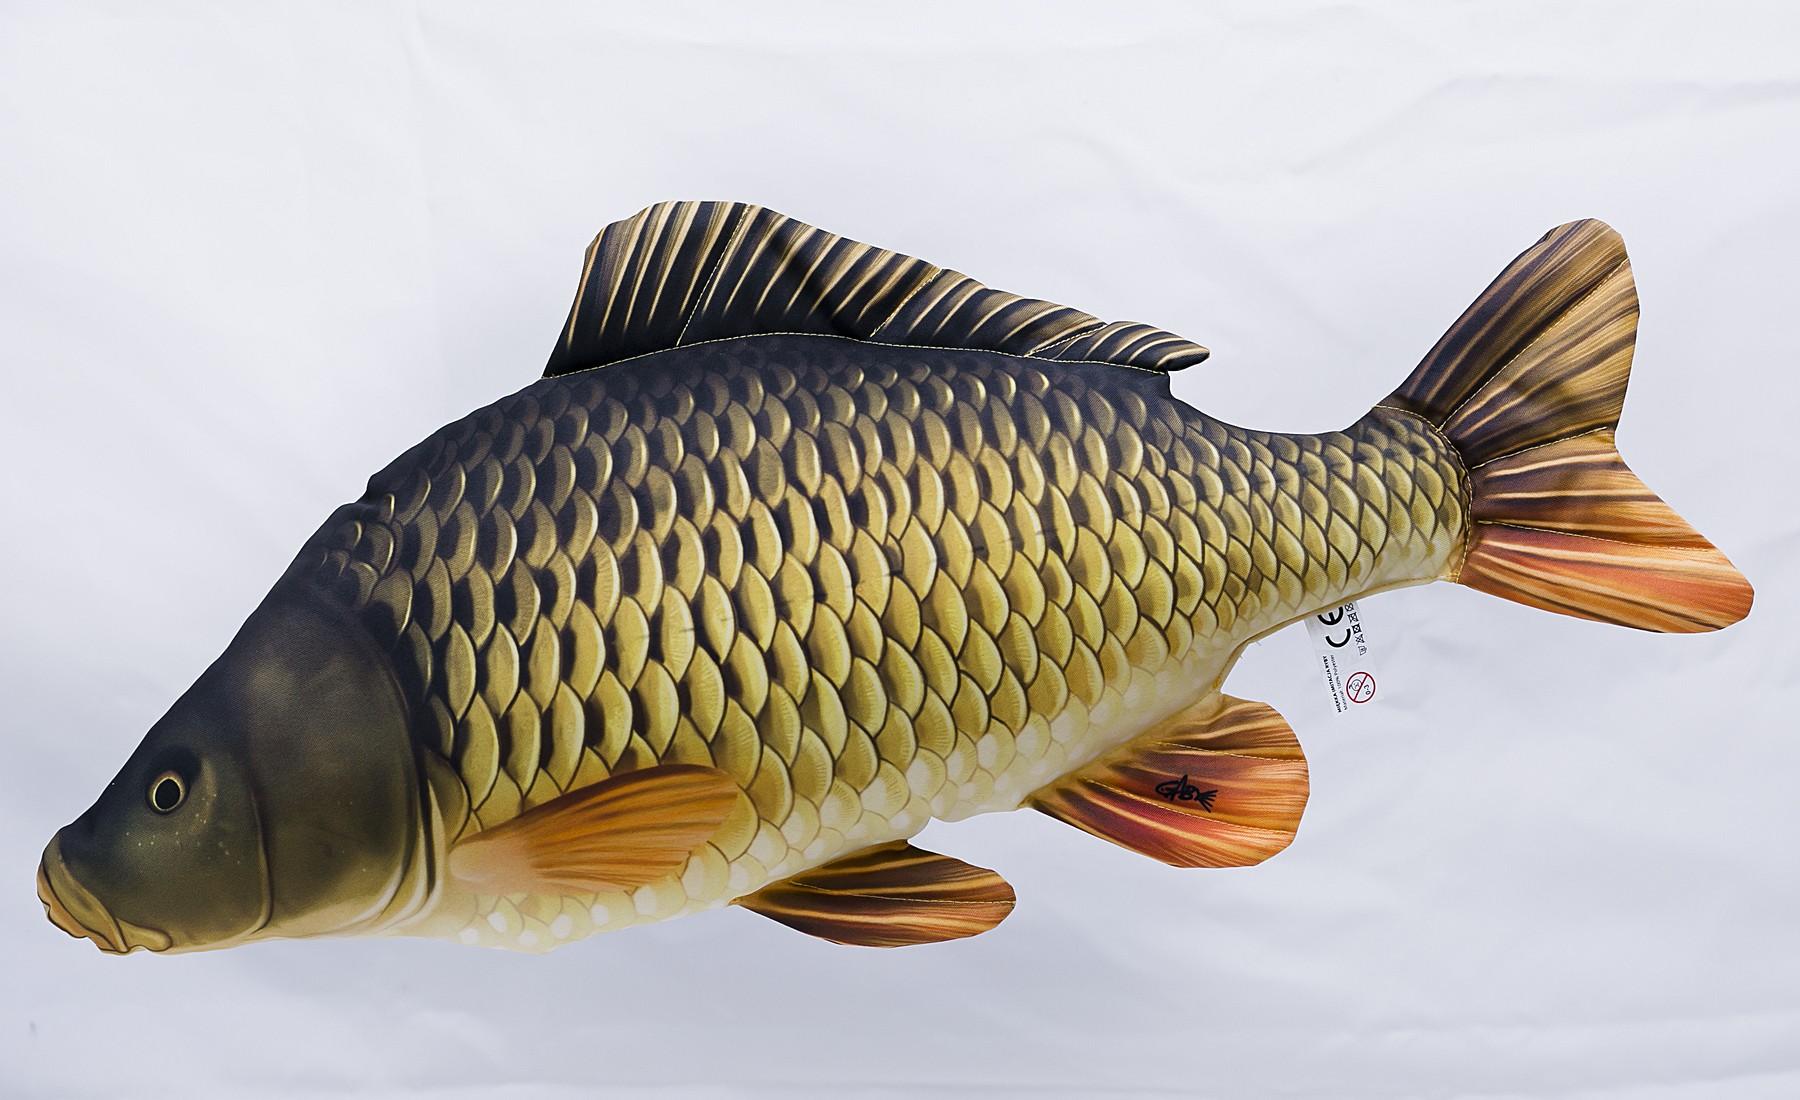 darČekovÉ predmety vankúš kapor Šupináč mini robinson fishing